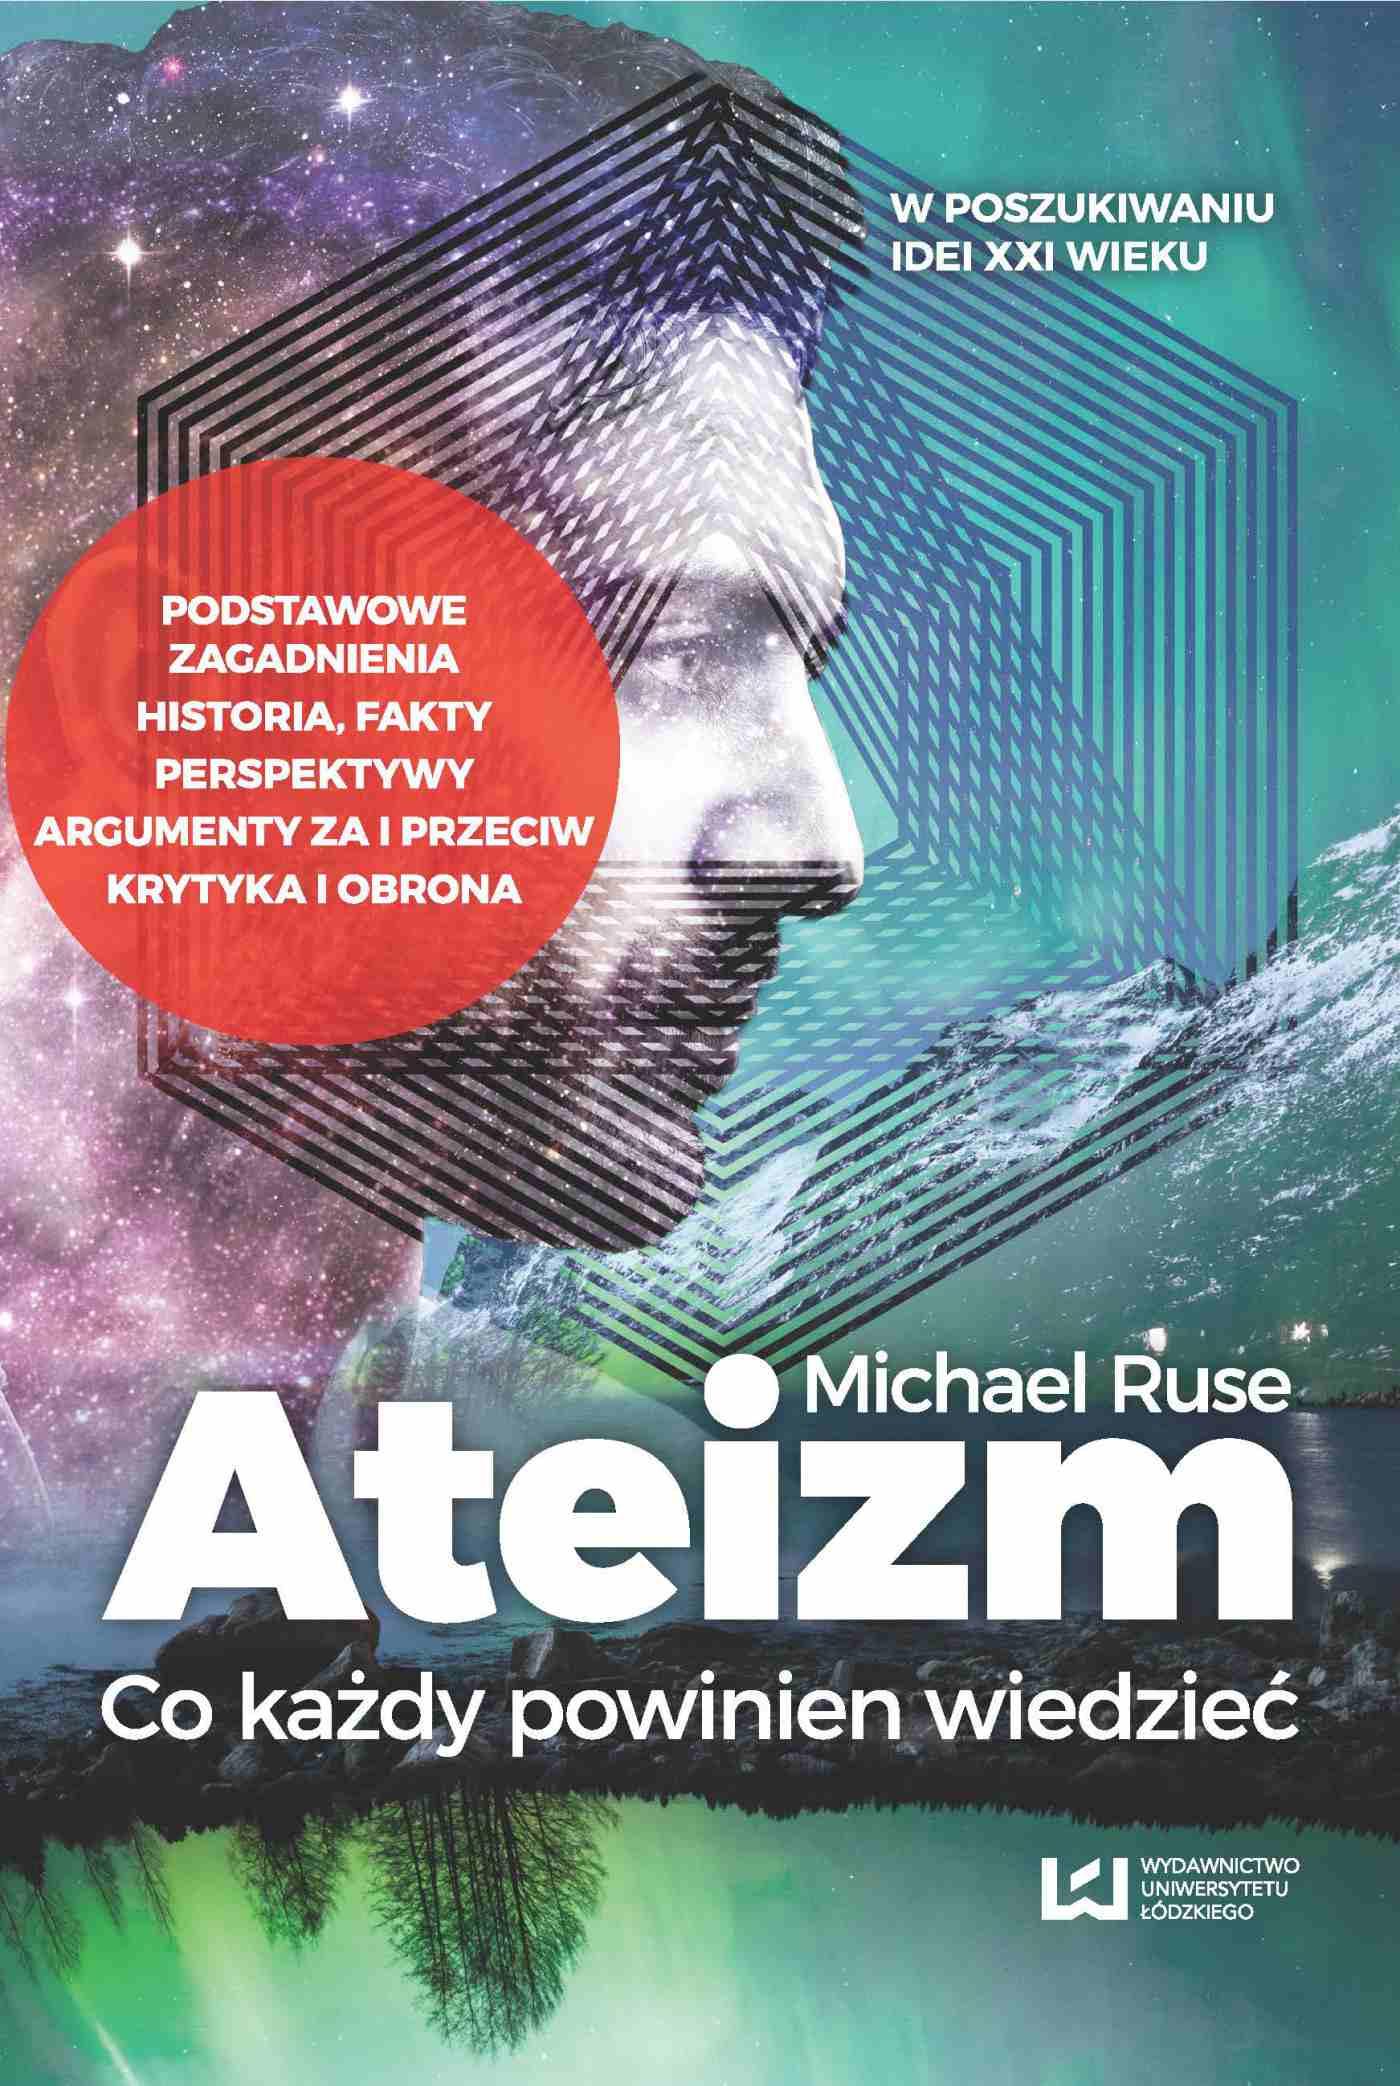 Ateizm. Co każdy powinien wiedzieć – w tłumaczeniu Tomasza Sieczkowskiego - Ebook (Książka EPUB) do pobrania w formacie EPUB